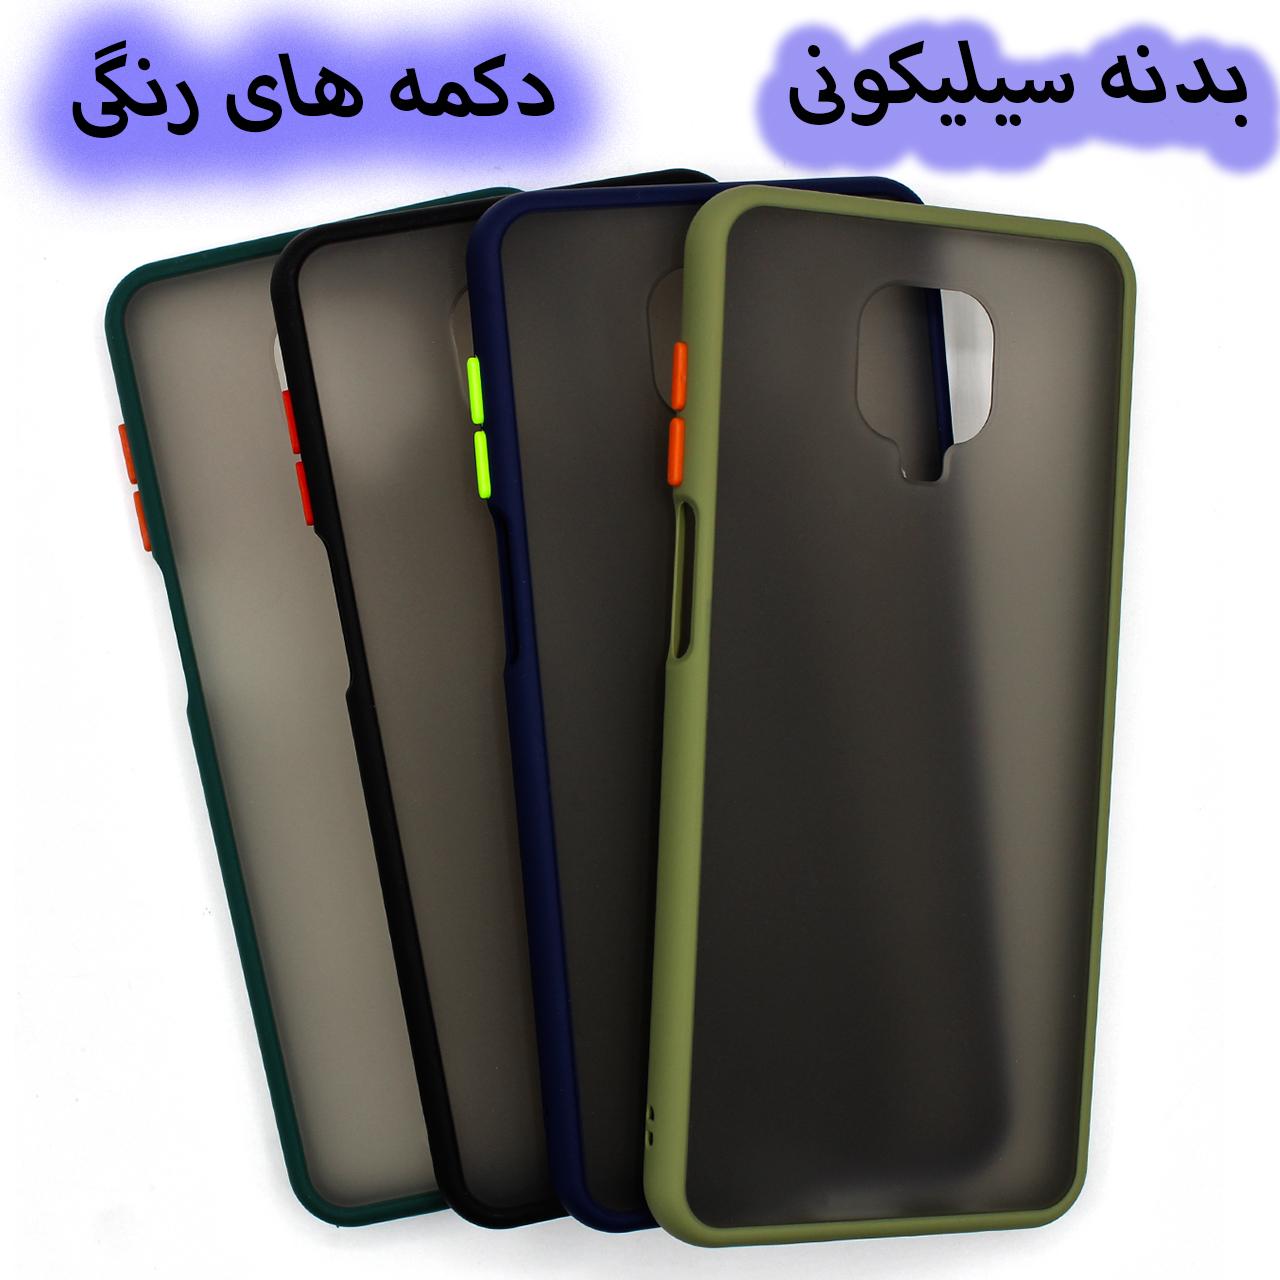 کاور لاین کینگ مدل M21 مناسب برای گوشی موبایل شیائومی Redmi Note 9S / Note 9 Pro / Note 9 Pro Max main 1 8